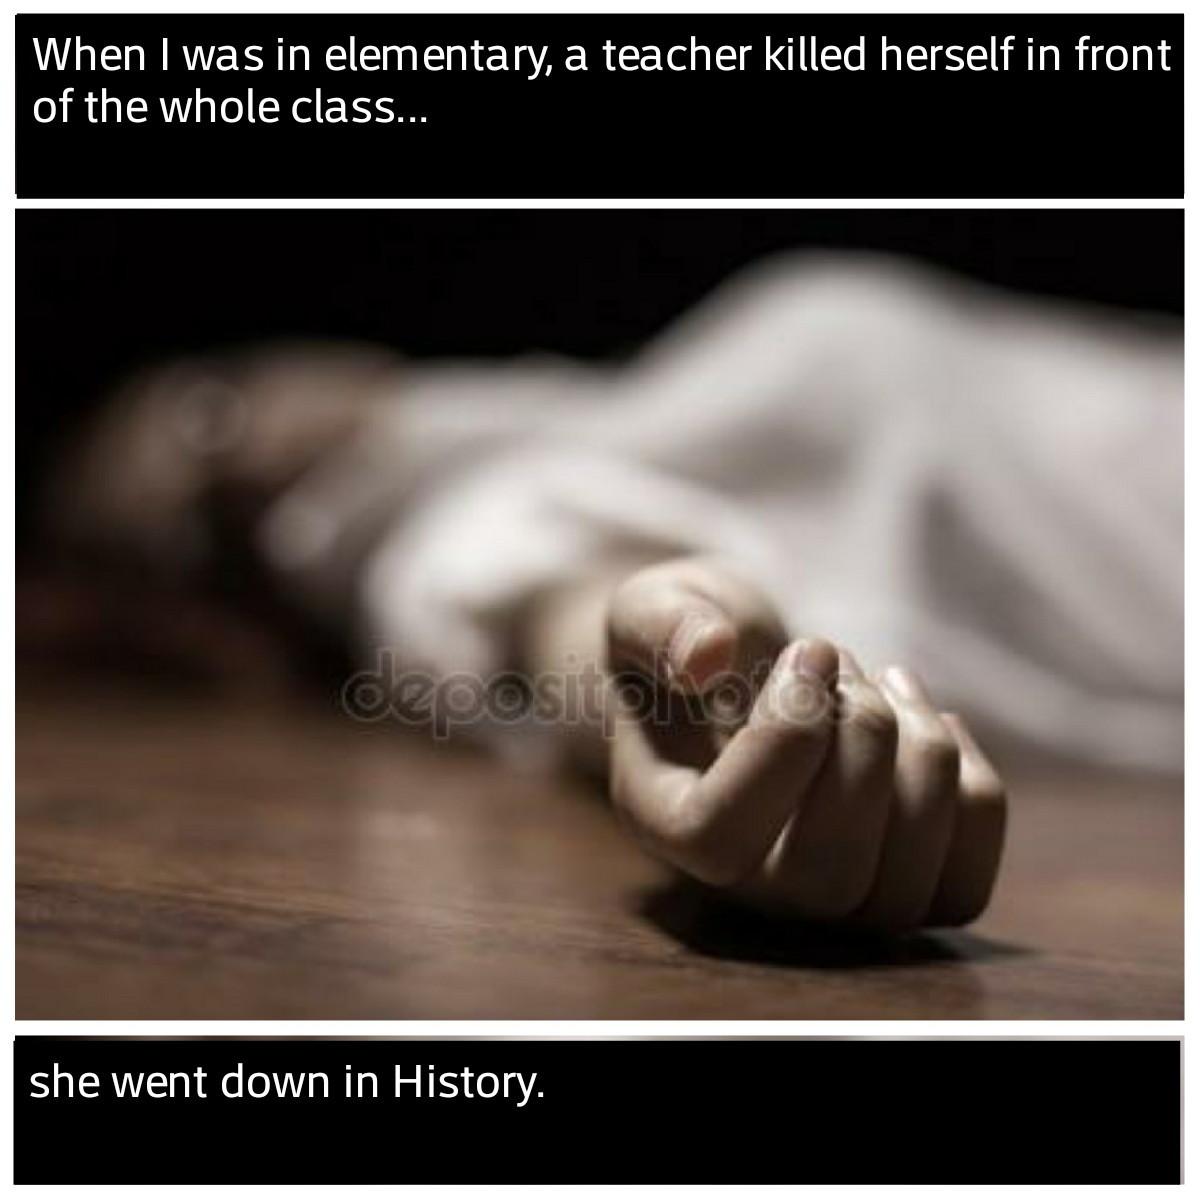 Tragedy - meme